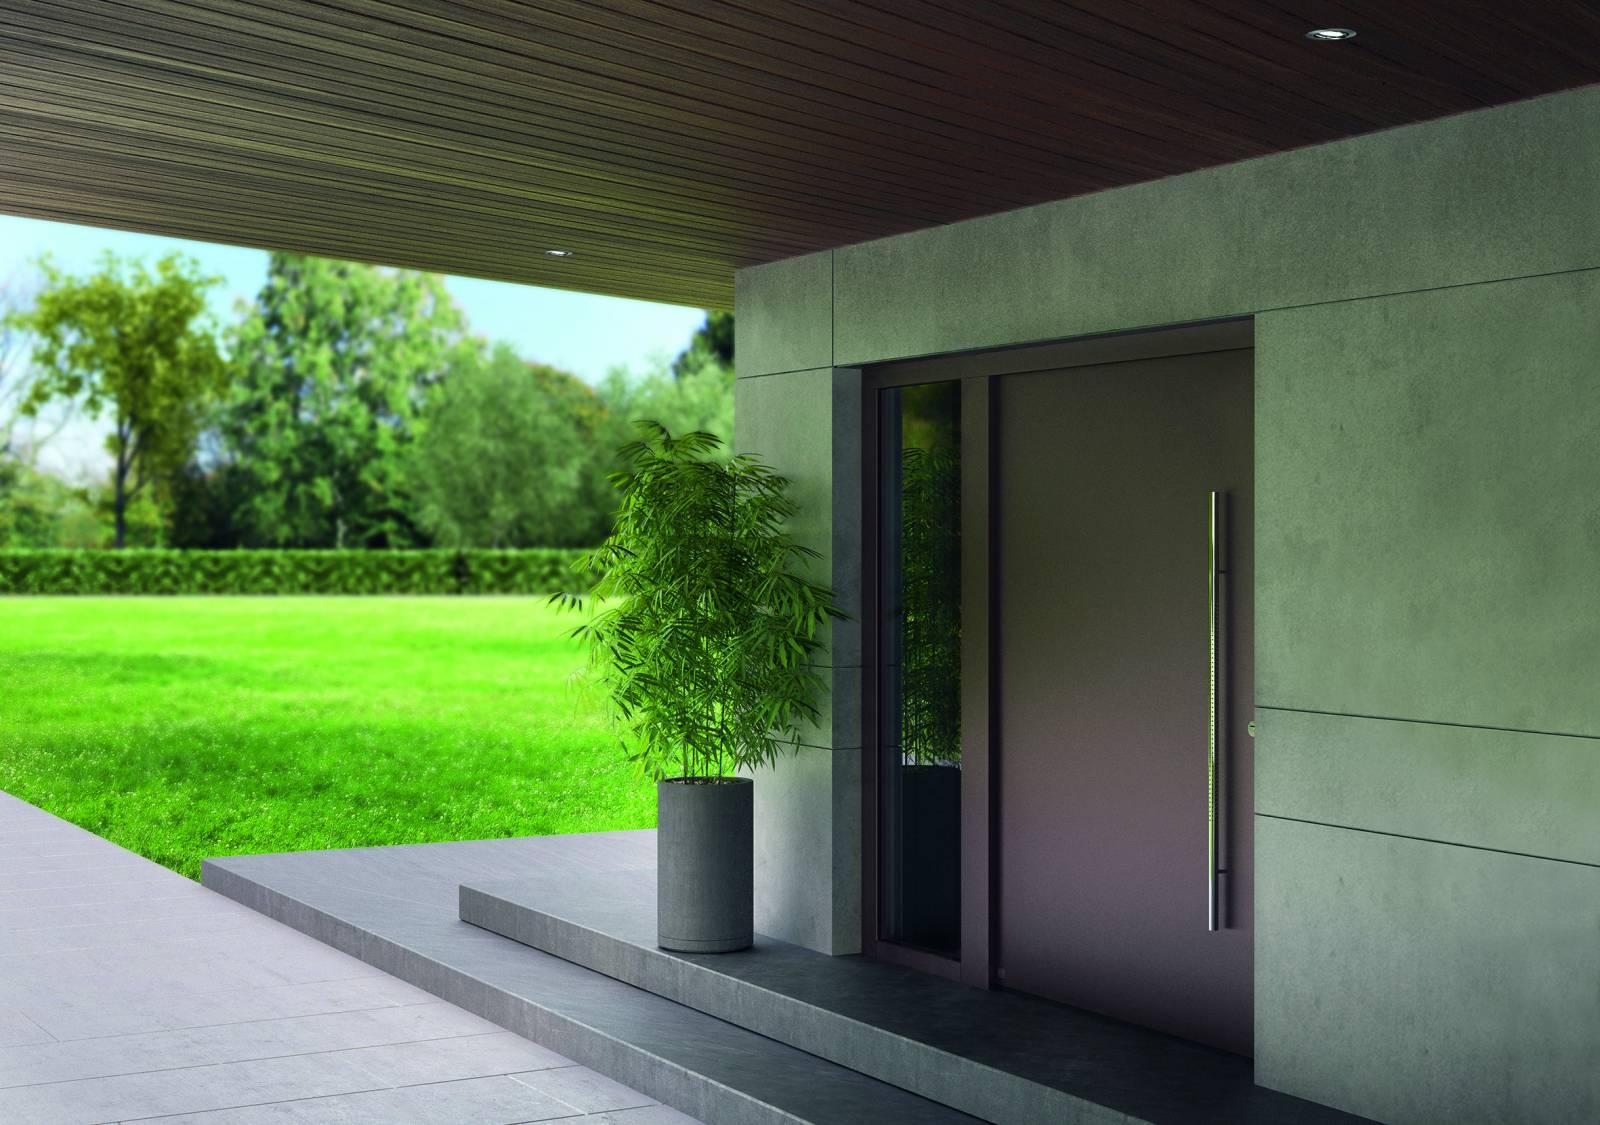 Vente pose et r novation de portes sur vitrolles sarl for Porte de garage credit impot